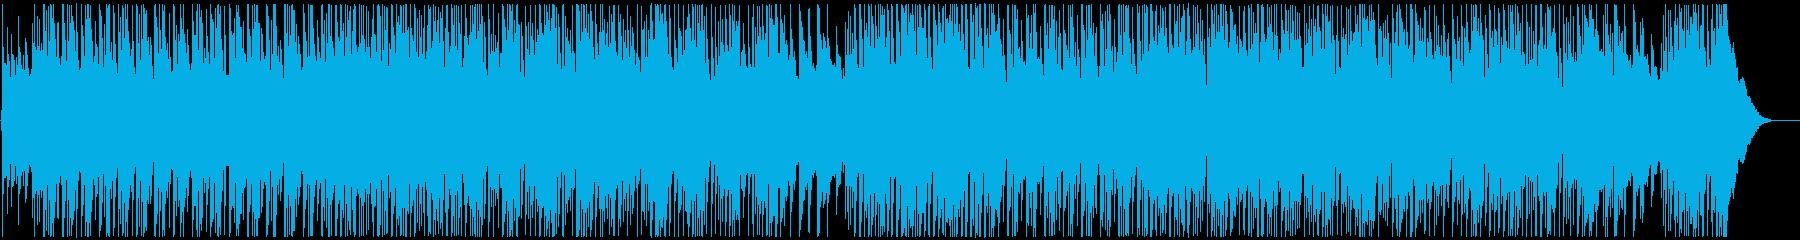 60年代風ポップロックの再生済みの波形